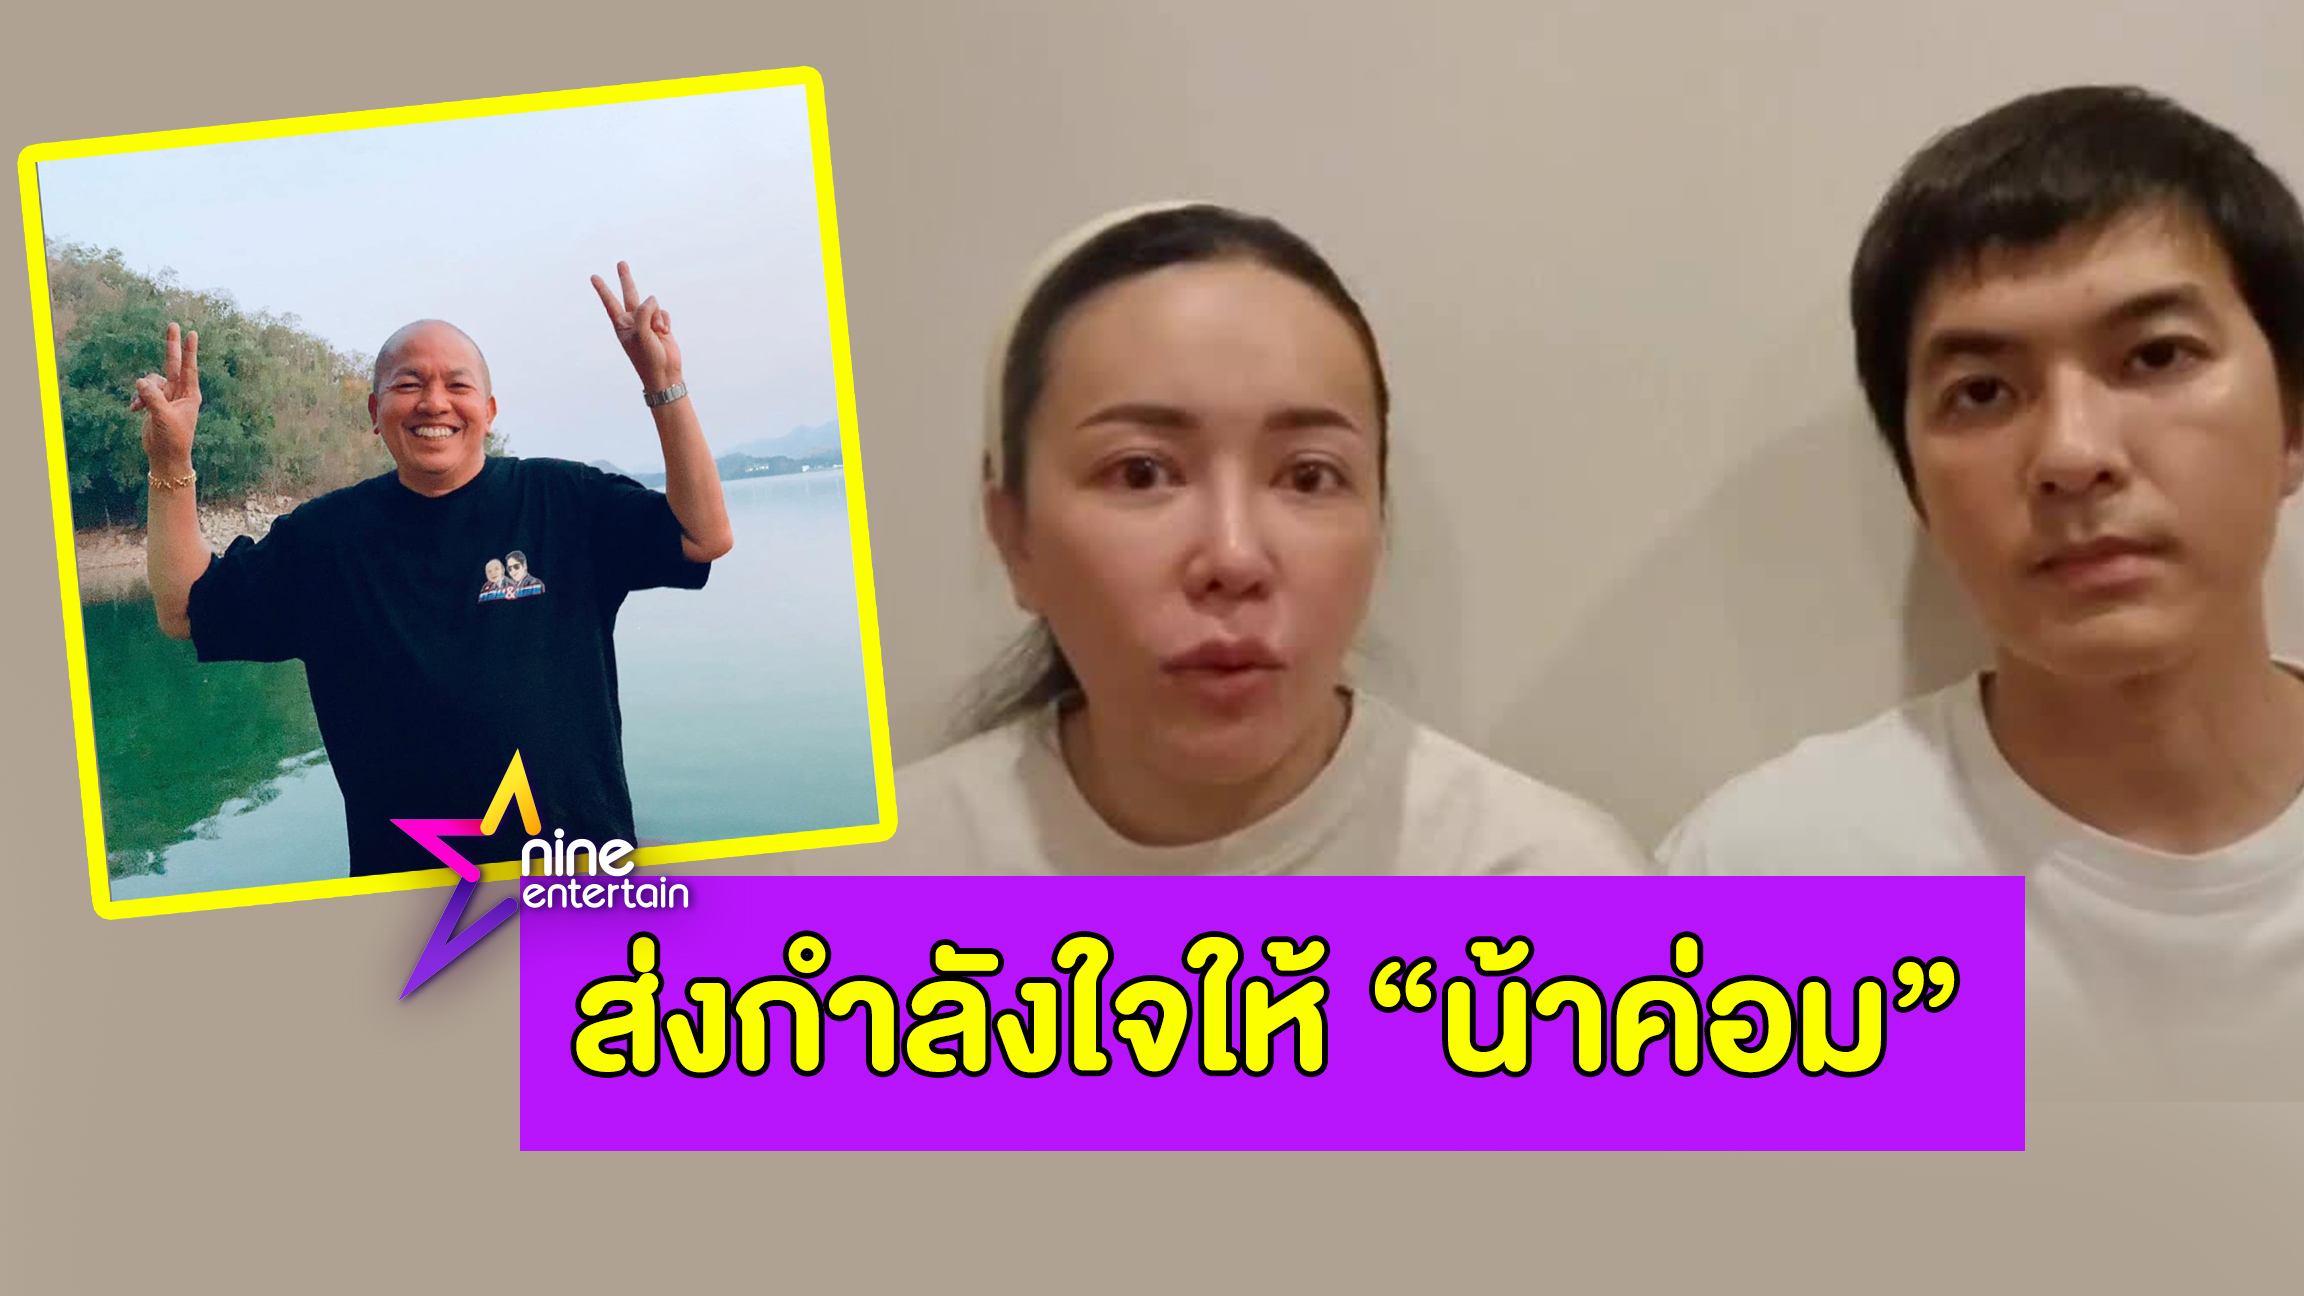 """ไอซ์ ณพัชรินทร์"""" ลูกสาว """"น้าค่อม"""" เปิดใจทั้งน้ำตาอัปเดตอาการพ่อ -  NineEntertain ข่าวบันเทิงอันดับ 1 ของไทย"""